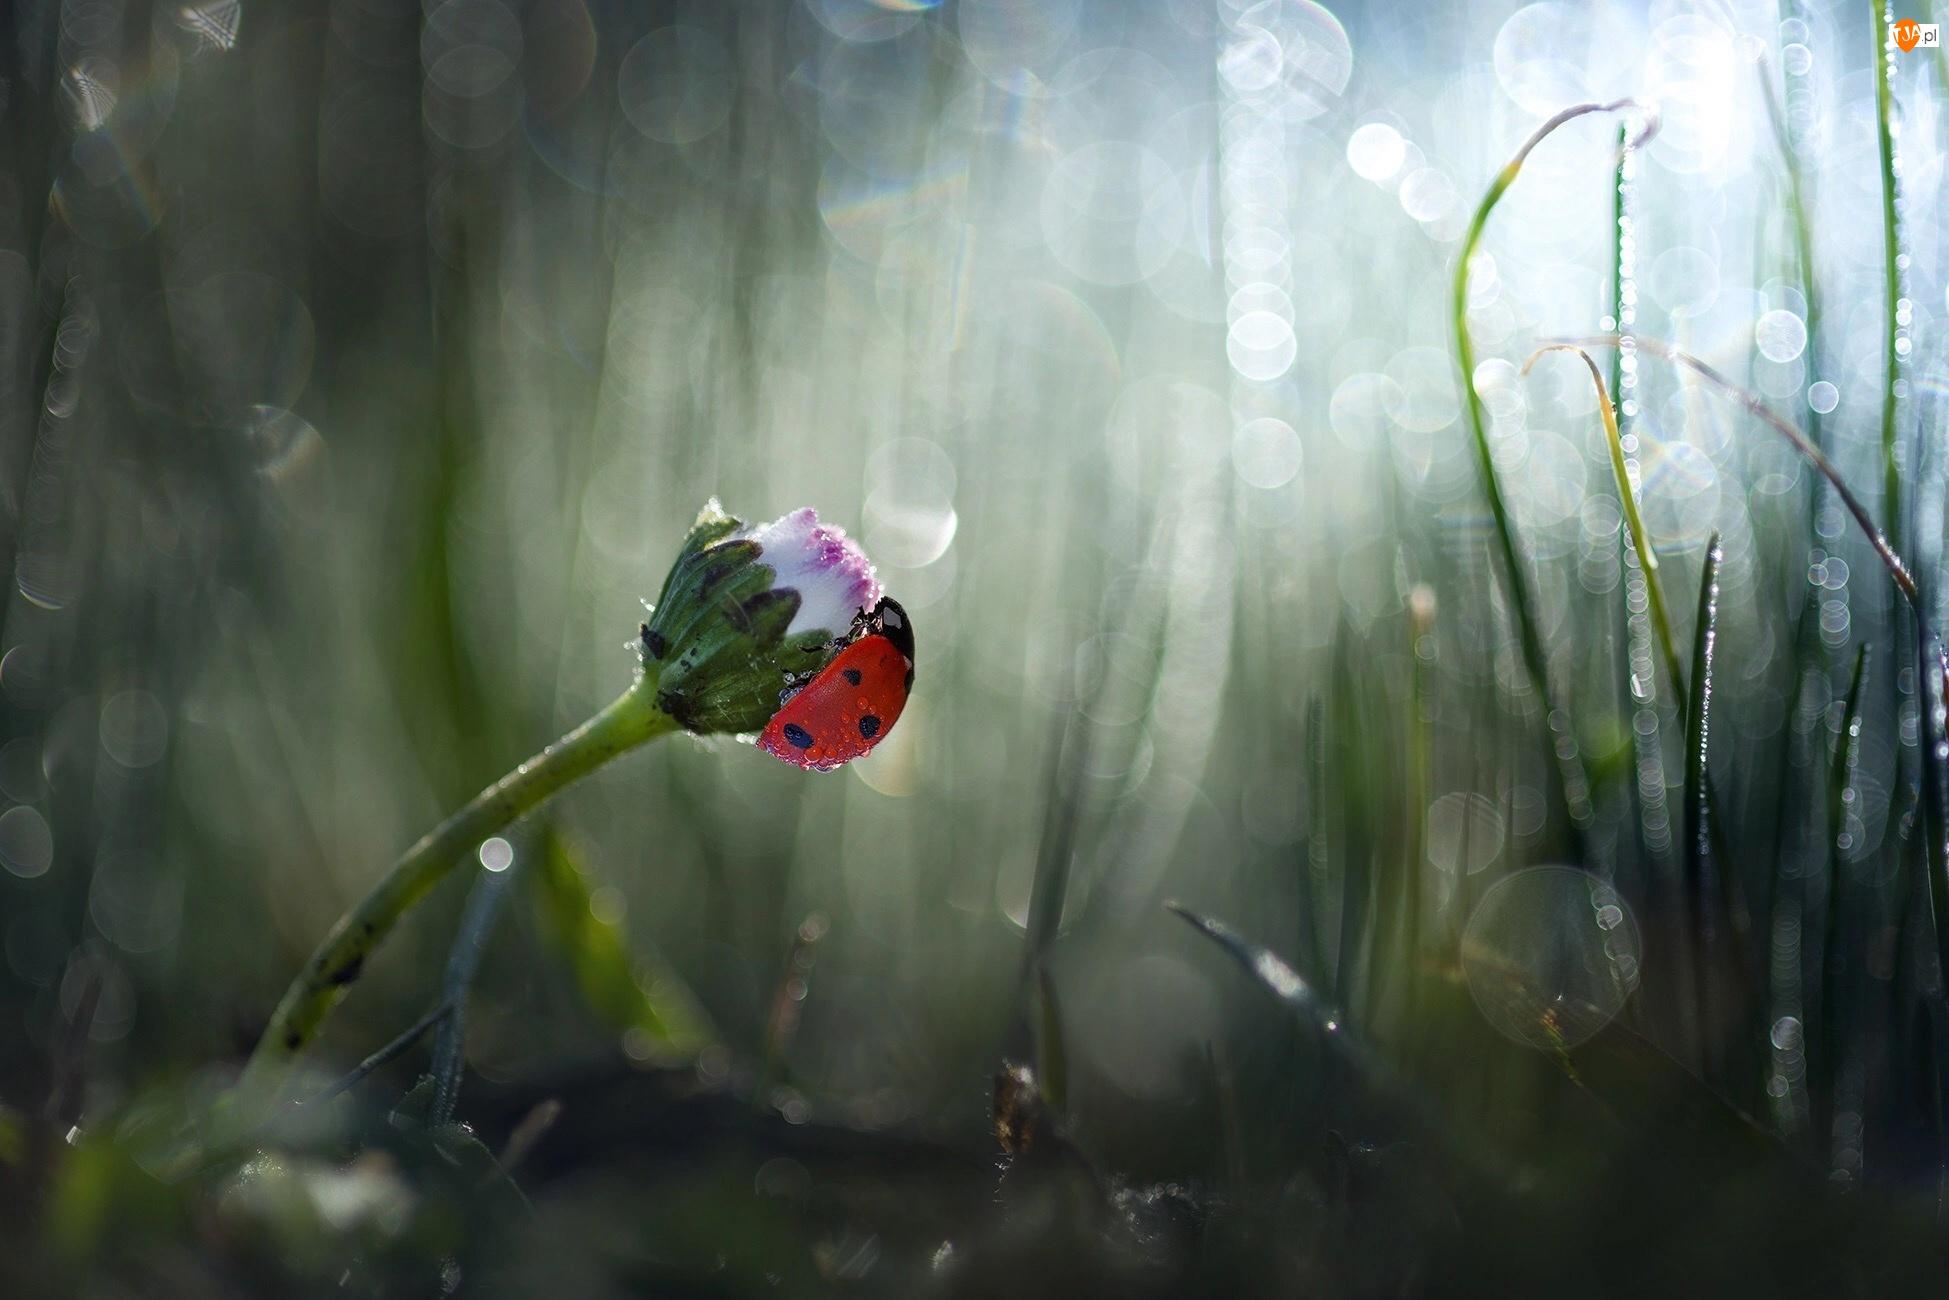 Kwiat, Biedronka, Trawa, Rozmyte tło, Stokrotka, Zbliżenie